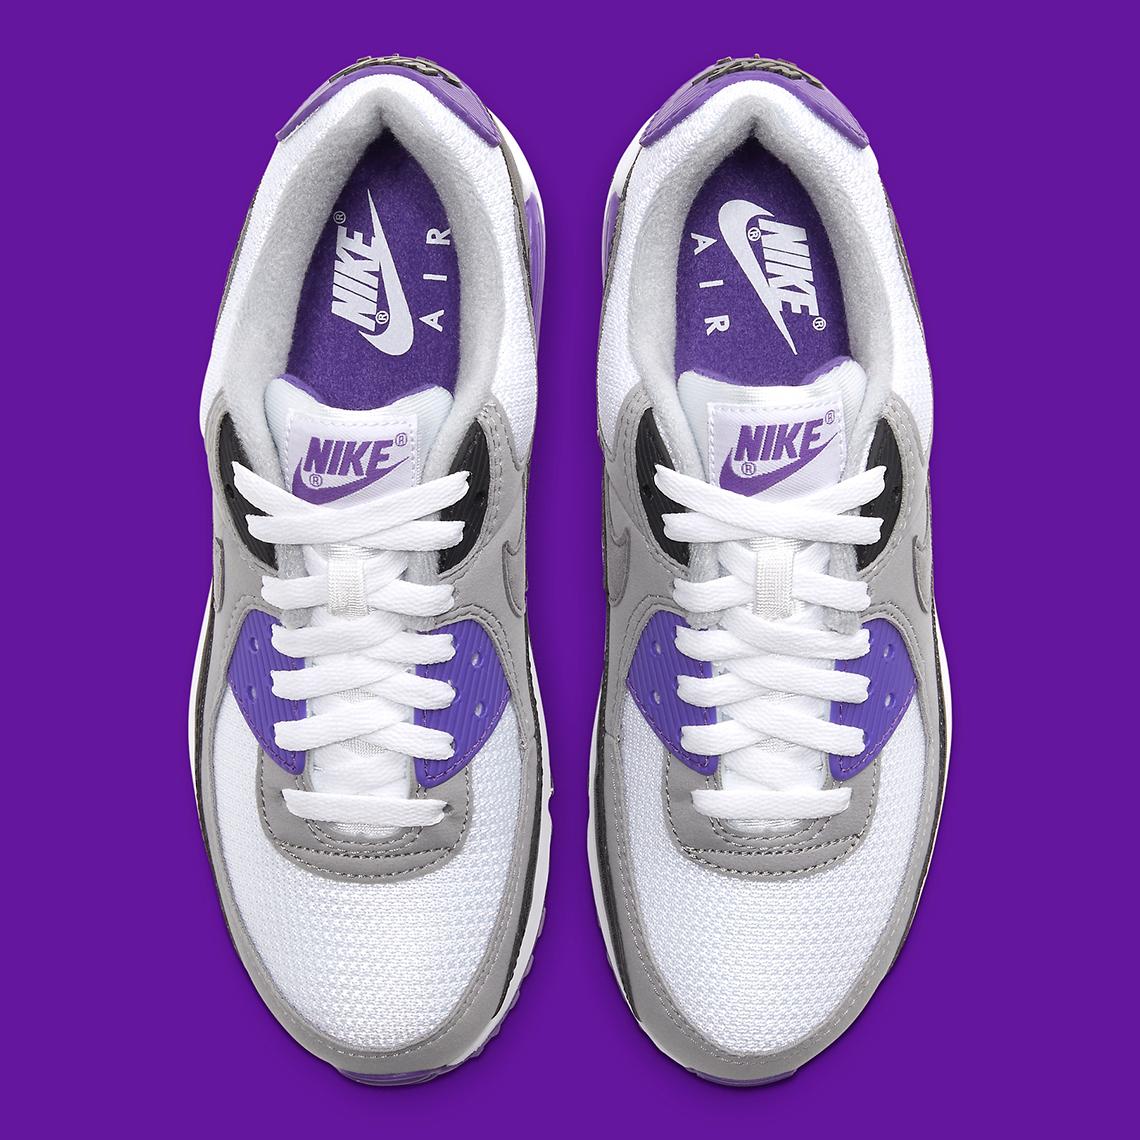 Nike Air Max 90 Hyper Grape CD0490 103  